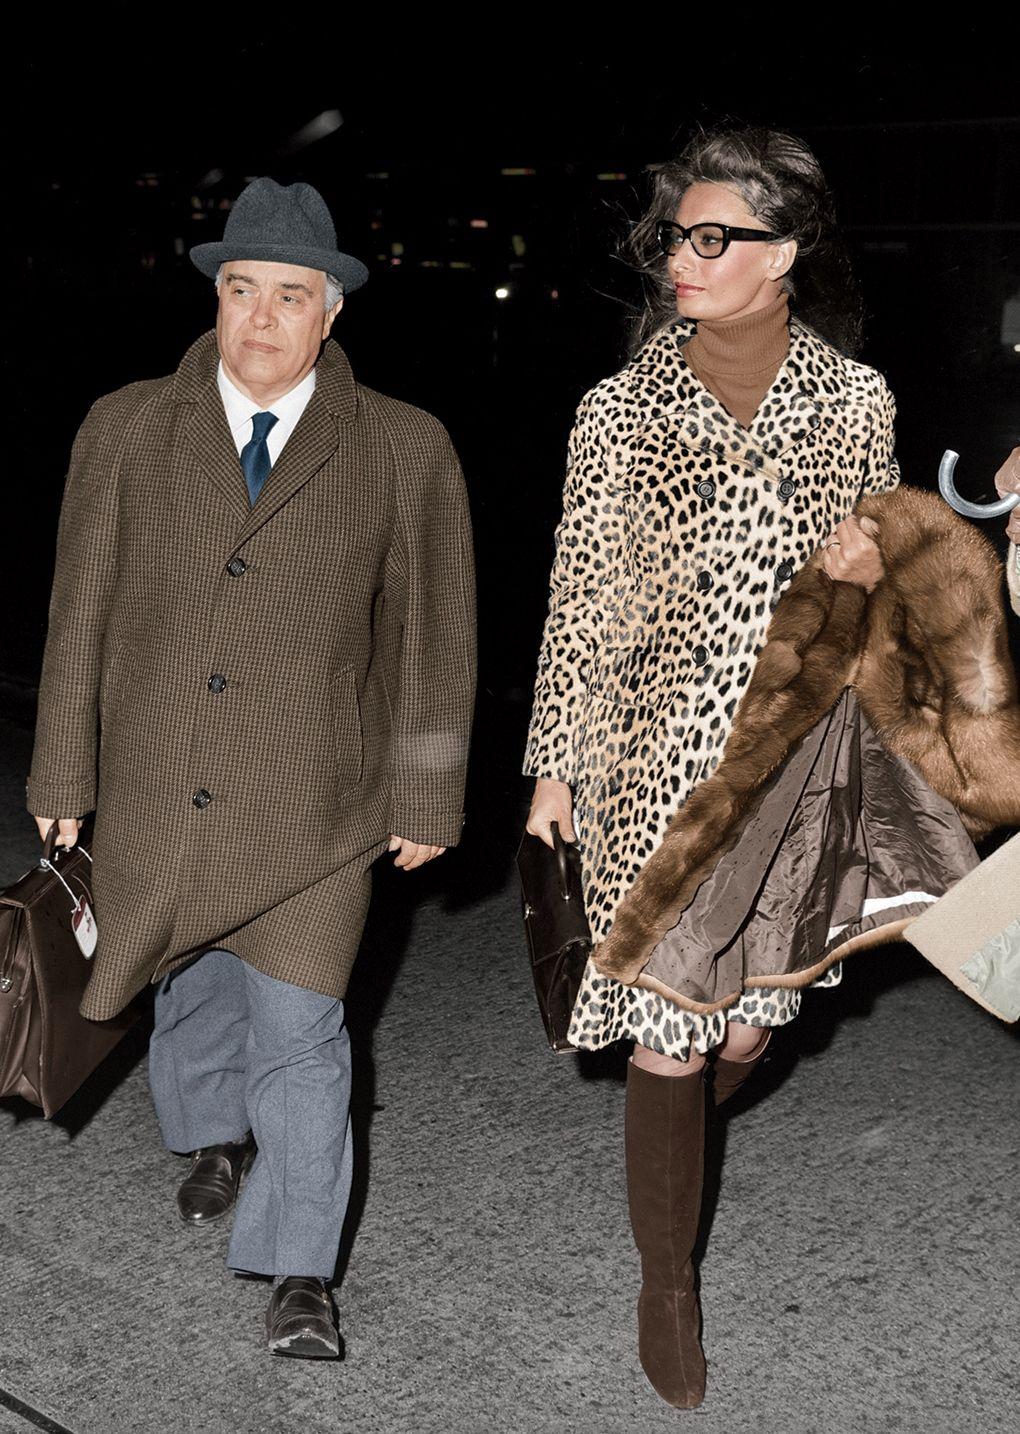 Sophia Loren with husband Carlo Ponti